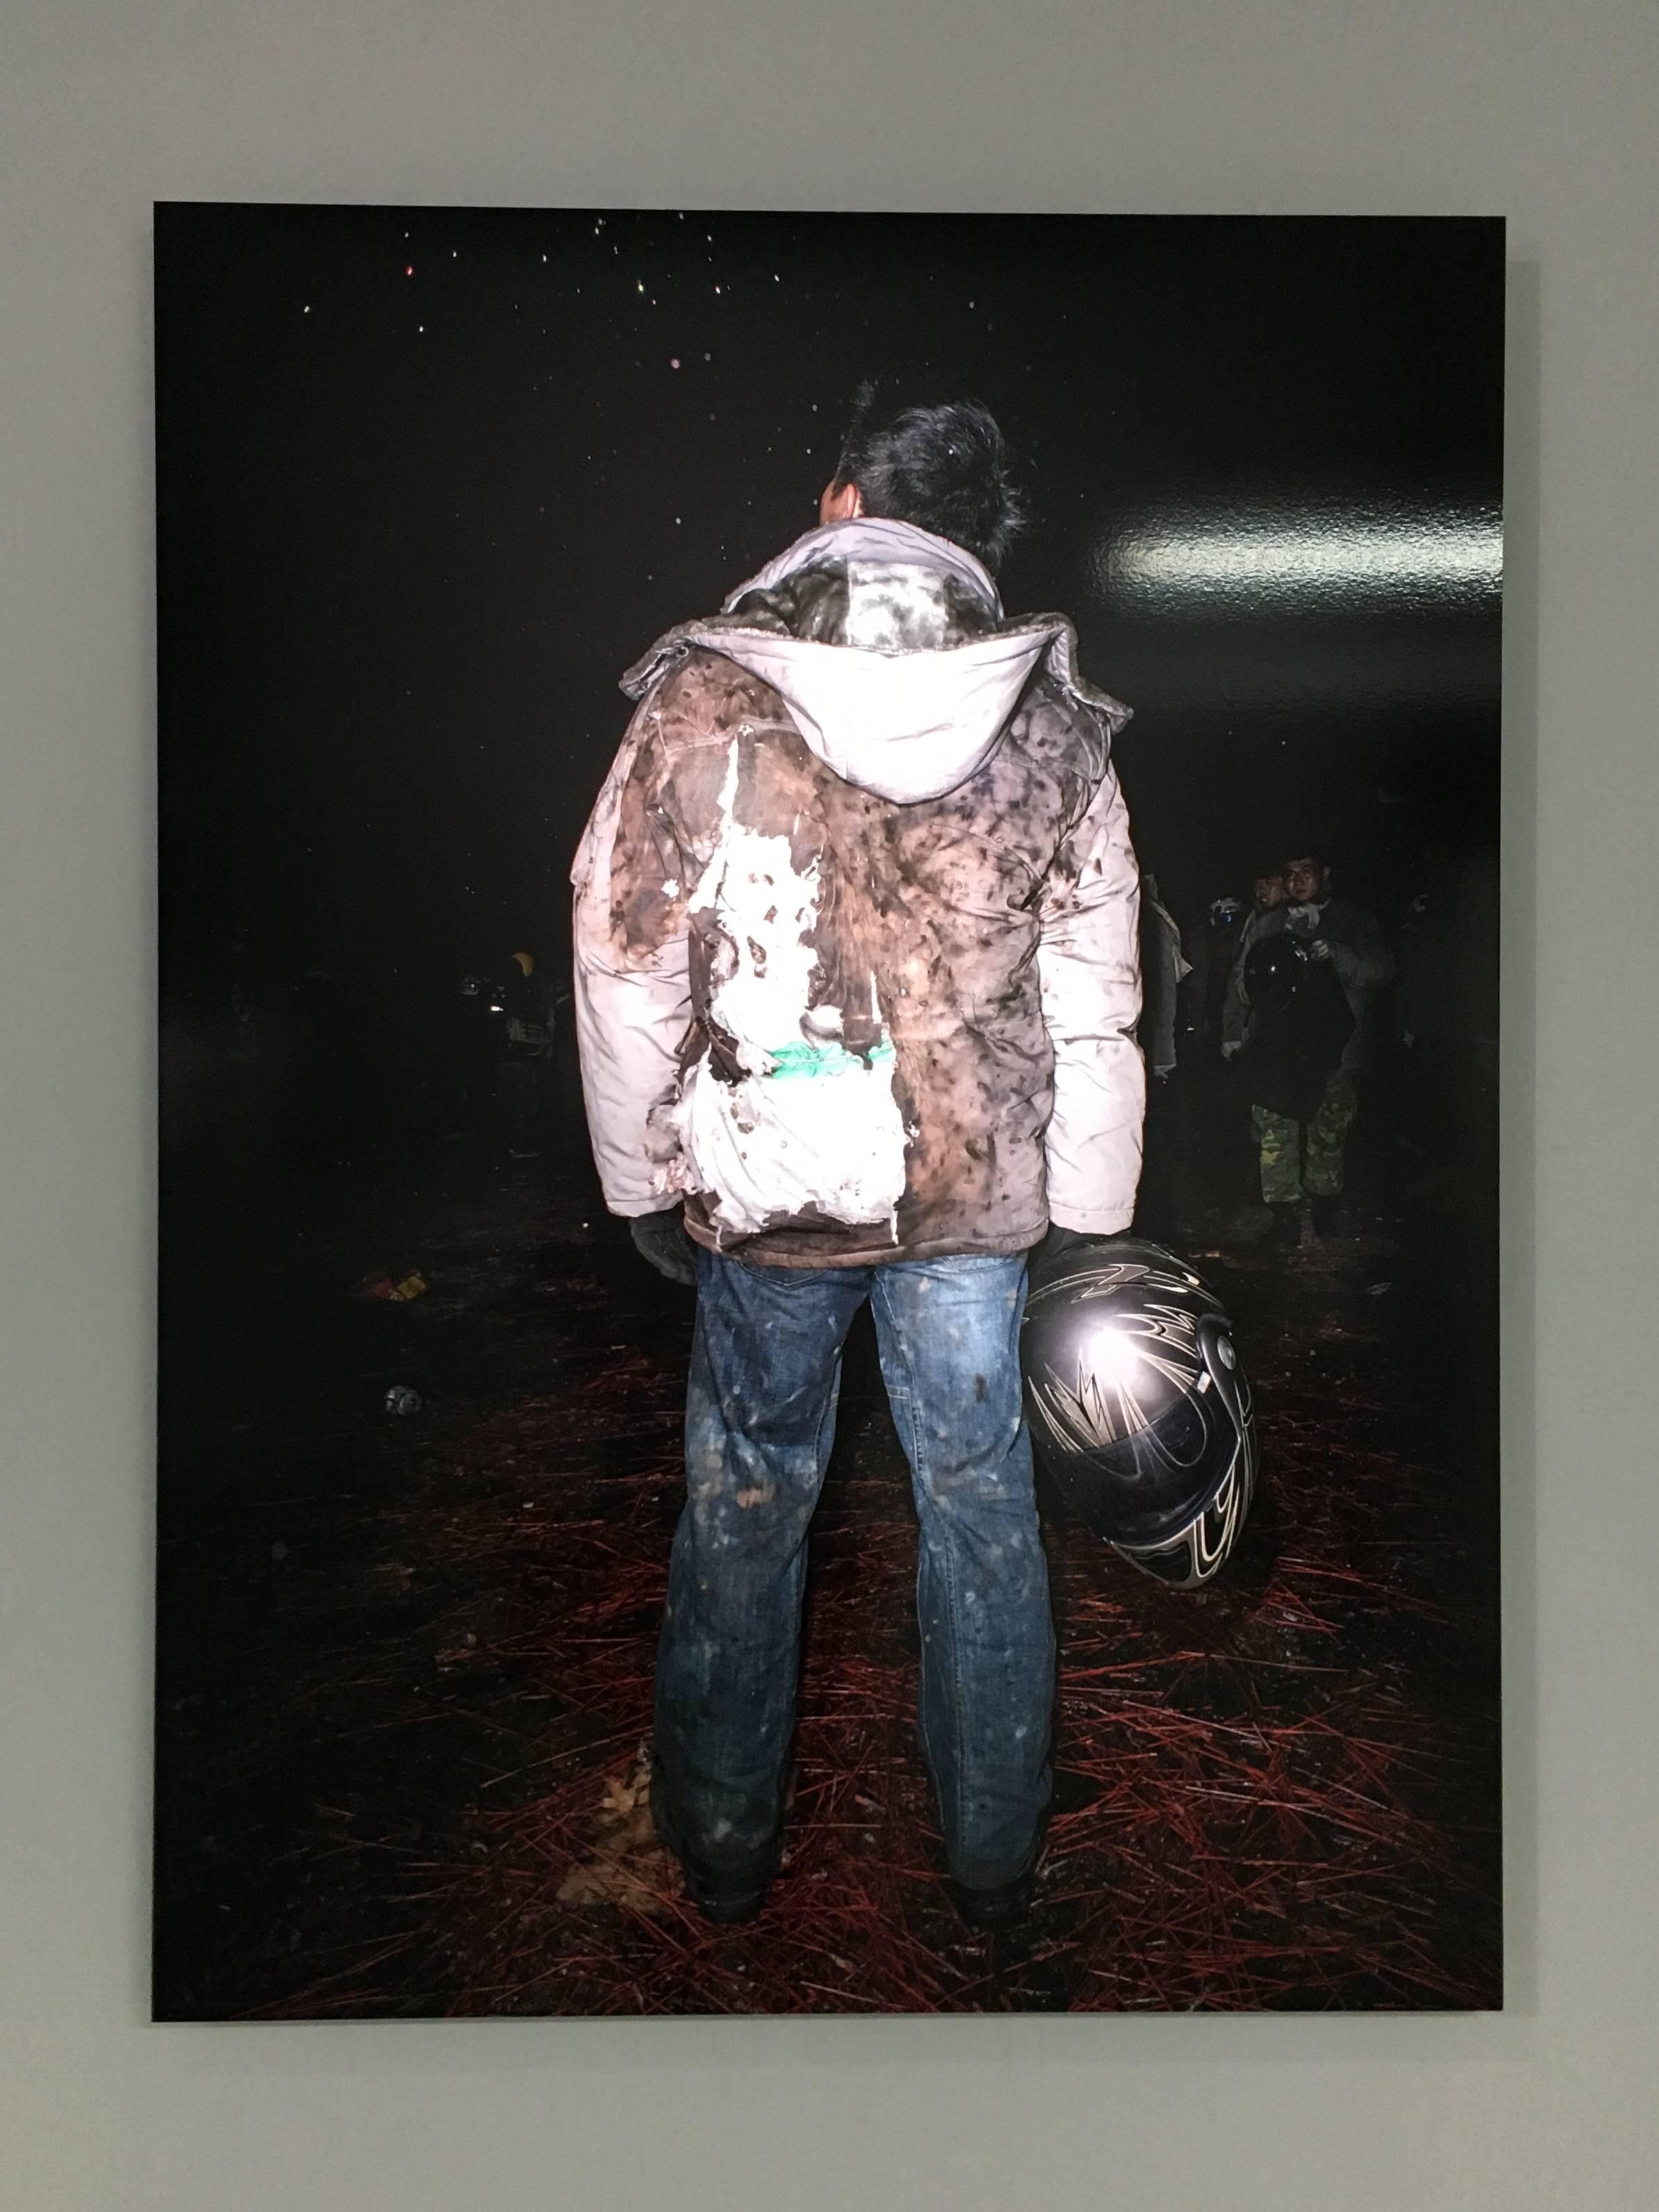 陳伯義,《食砲人 - VI》,75 x 100 cm,雷射輸出彩色銀鹽相紙,1/8,2014。